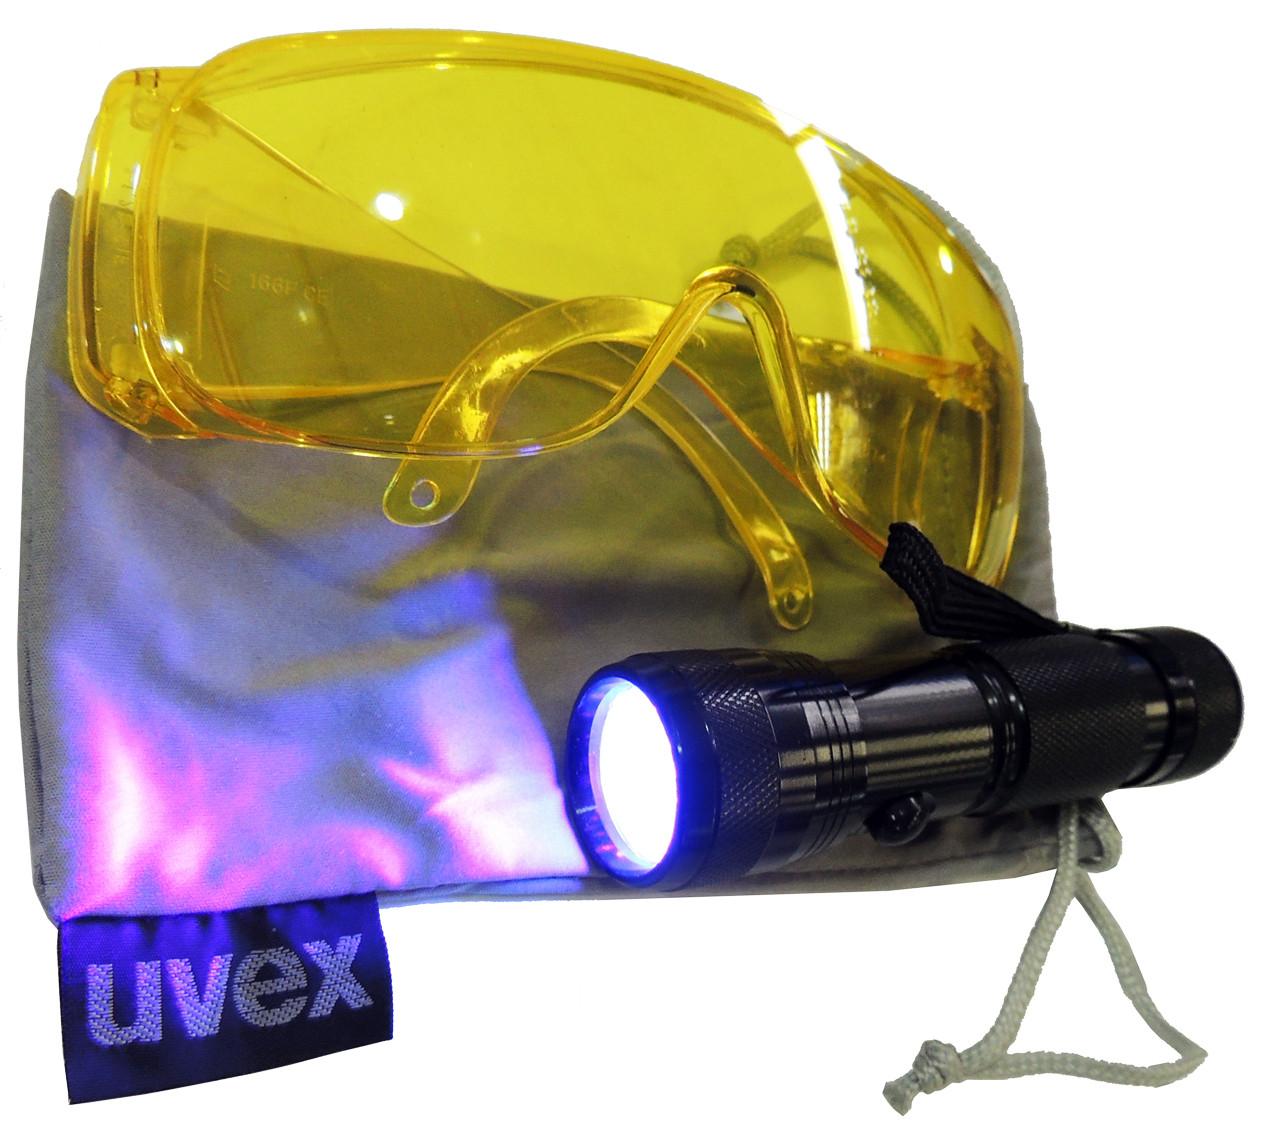 Комплект для обнаружения утечек фреона SMC-150